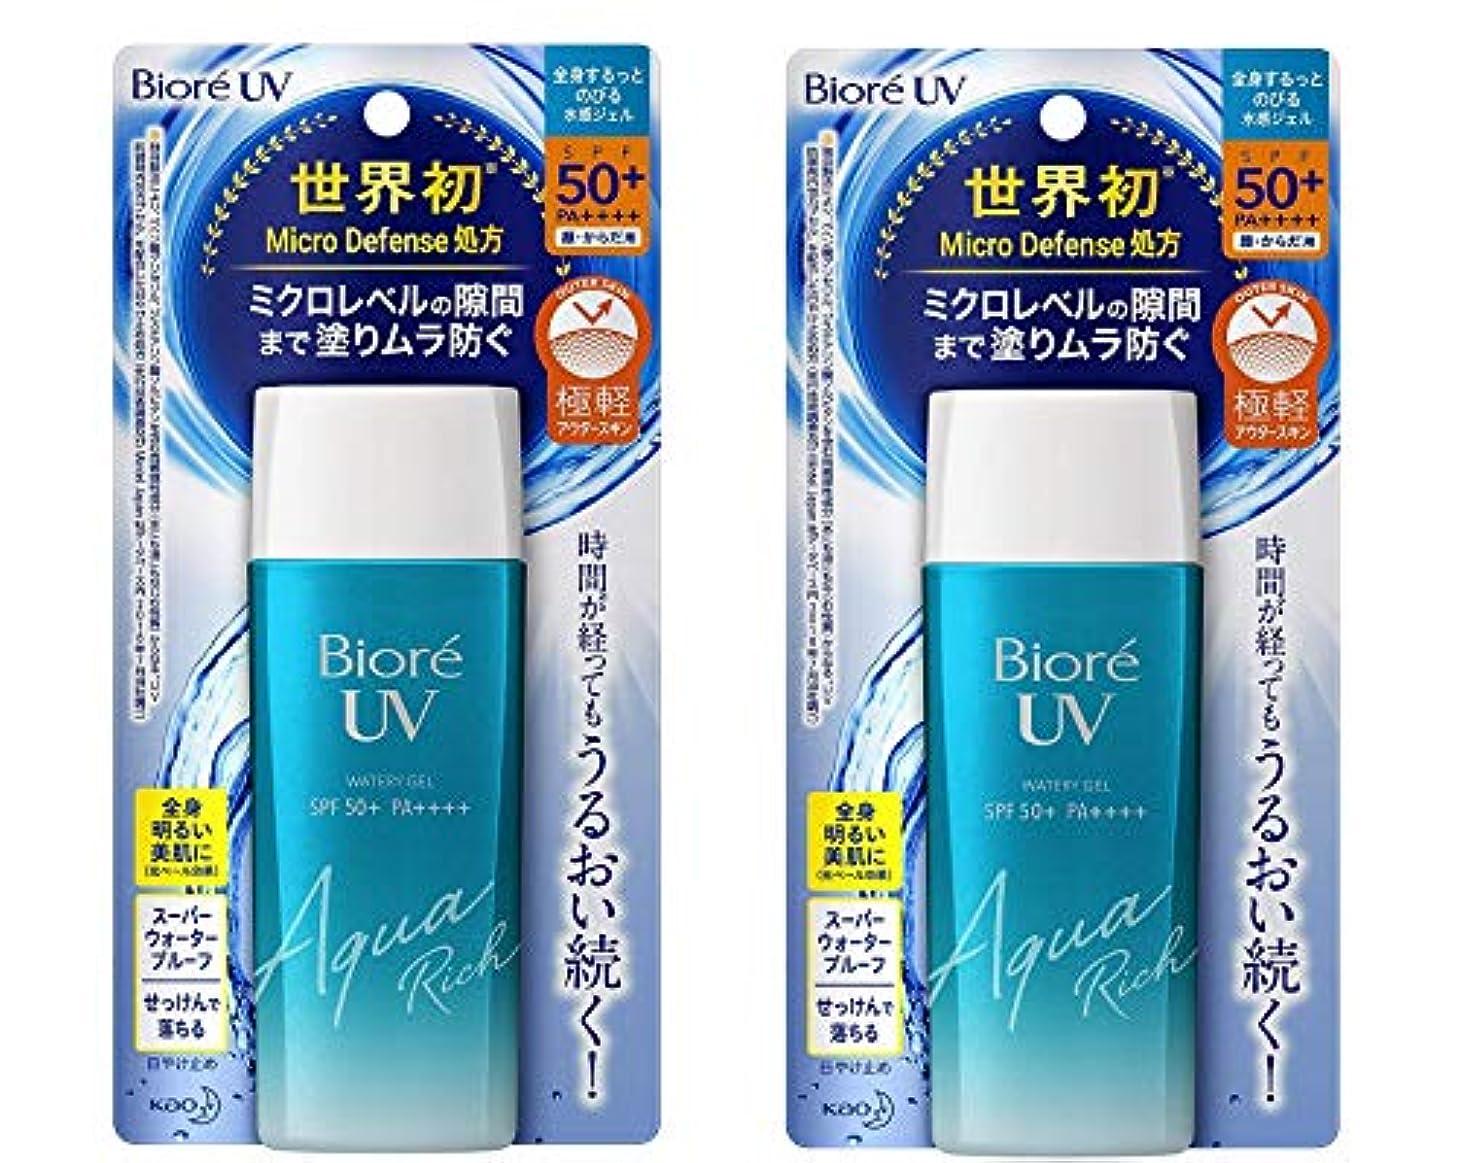 デュアルそれらプレゼンテーション【まとめ販売2個セット】ビオレ UV アクアリッチ ウォータリージェル SPF50+